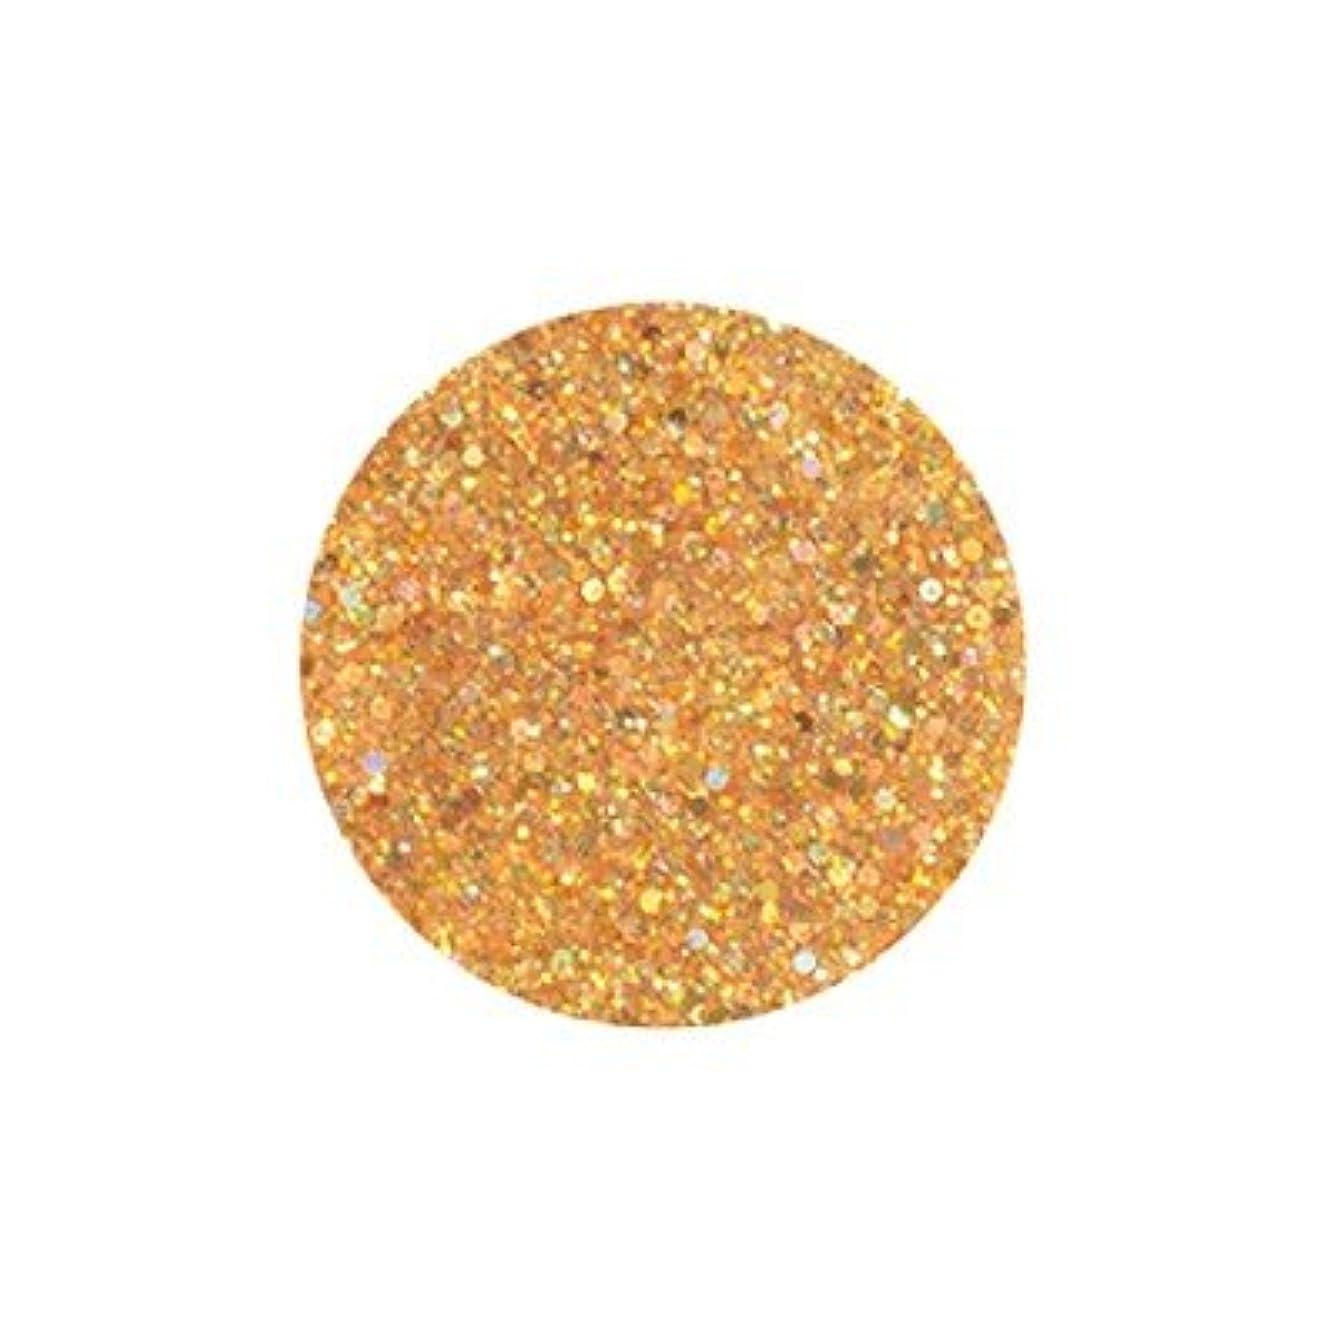 骨折肯定的防衛FANTASY NAIL ダイヤモンドコレクション 3g 4254XS カラーパウダー アート材